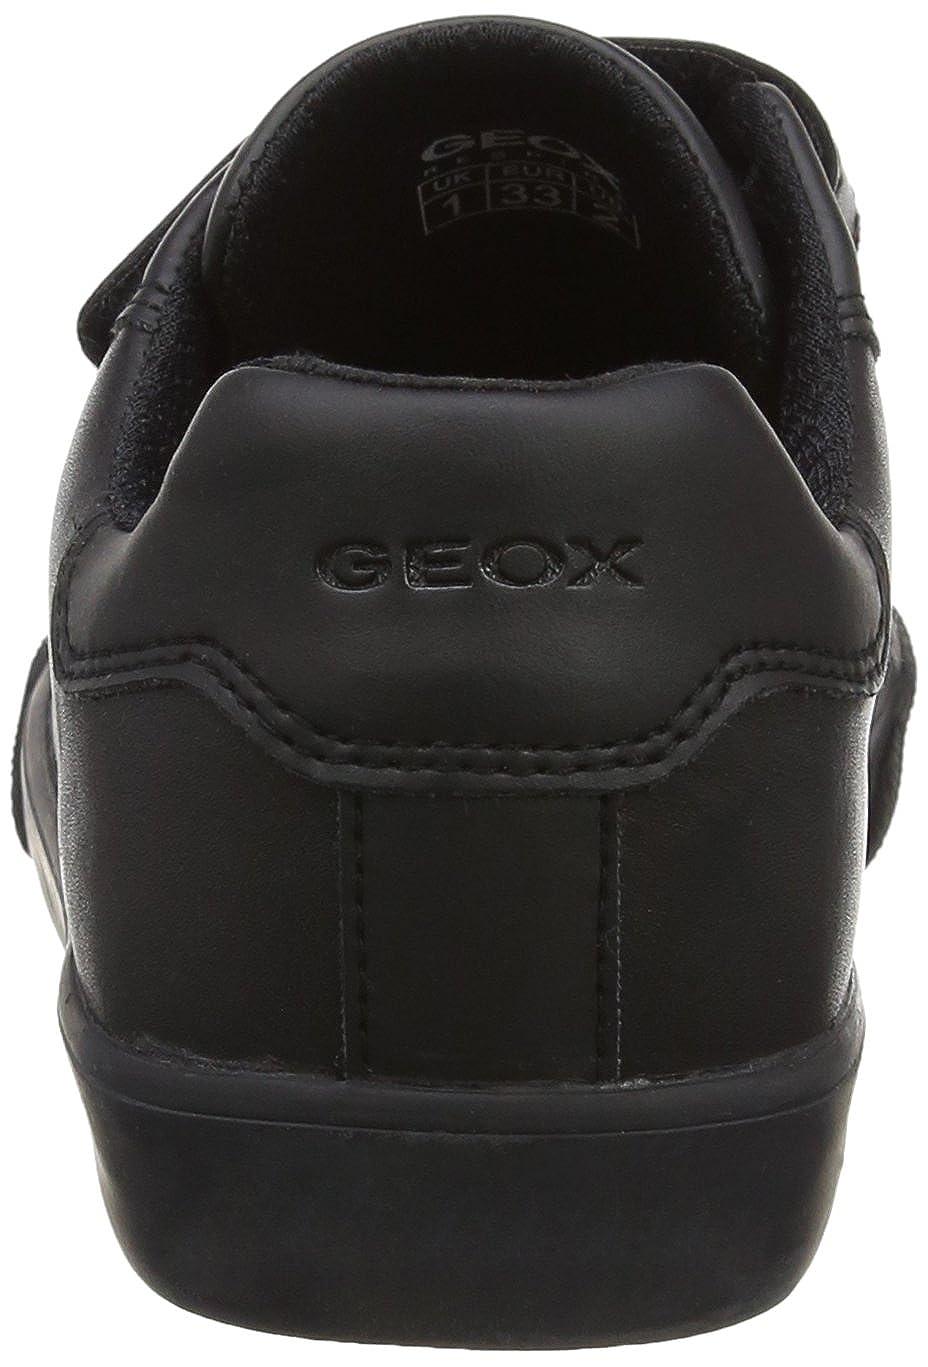 Geox Kids Kiwi BOY 96 Sneaker